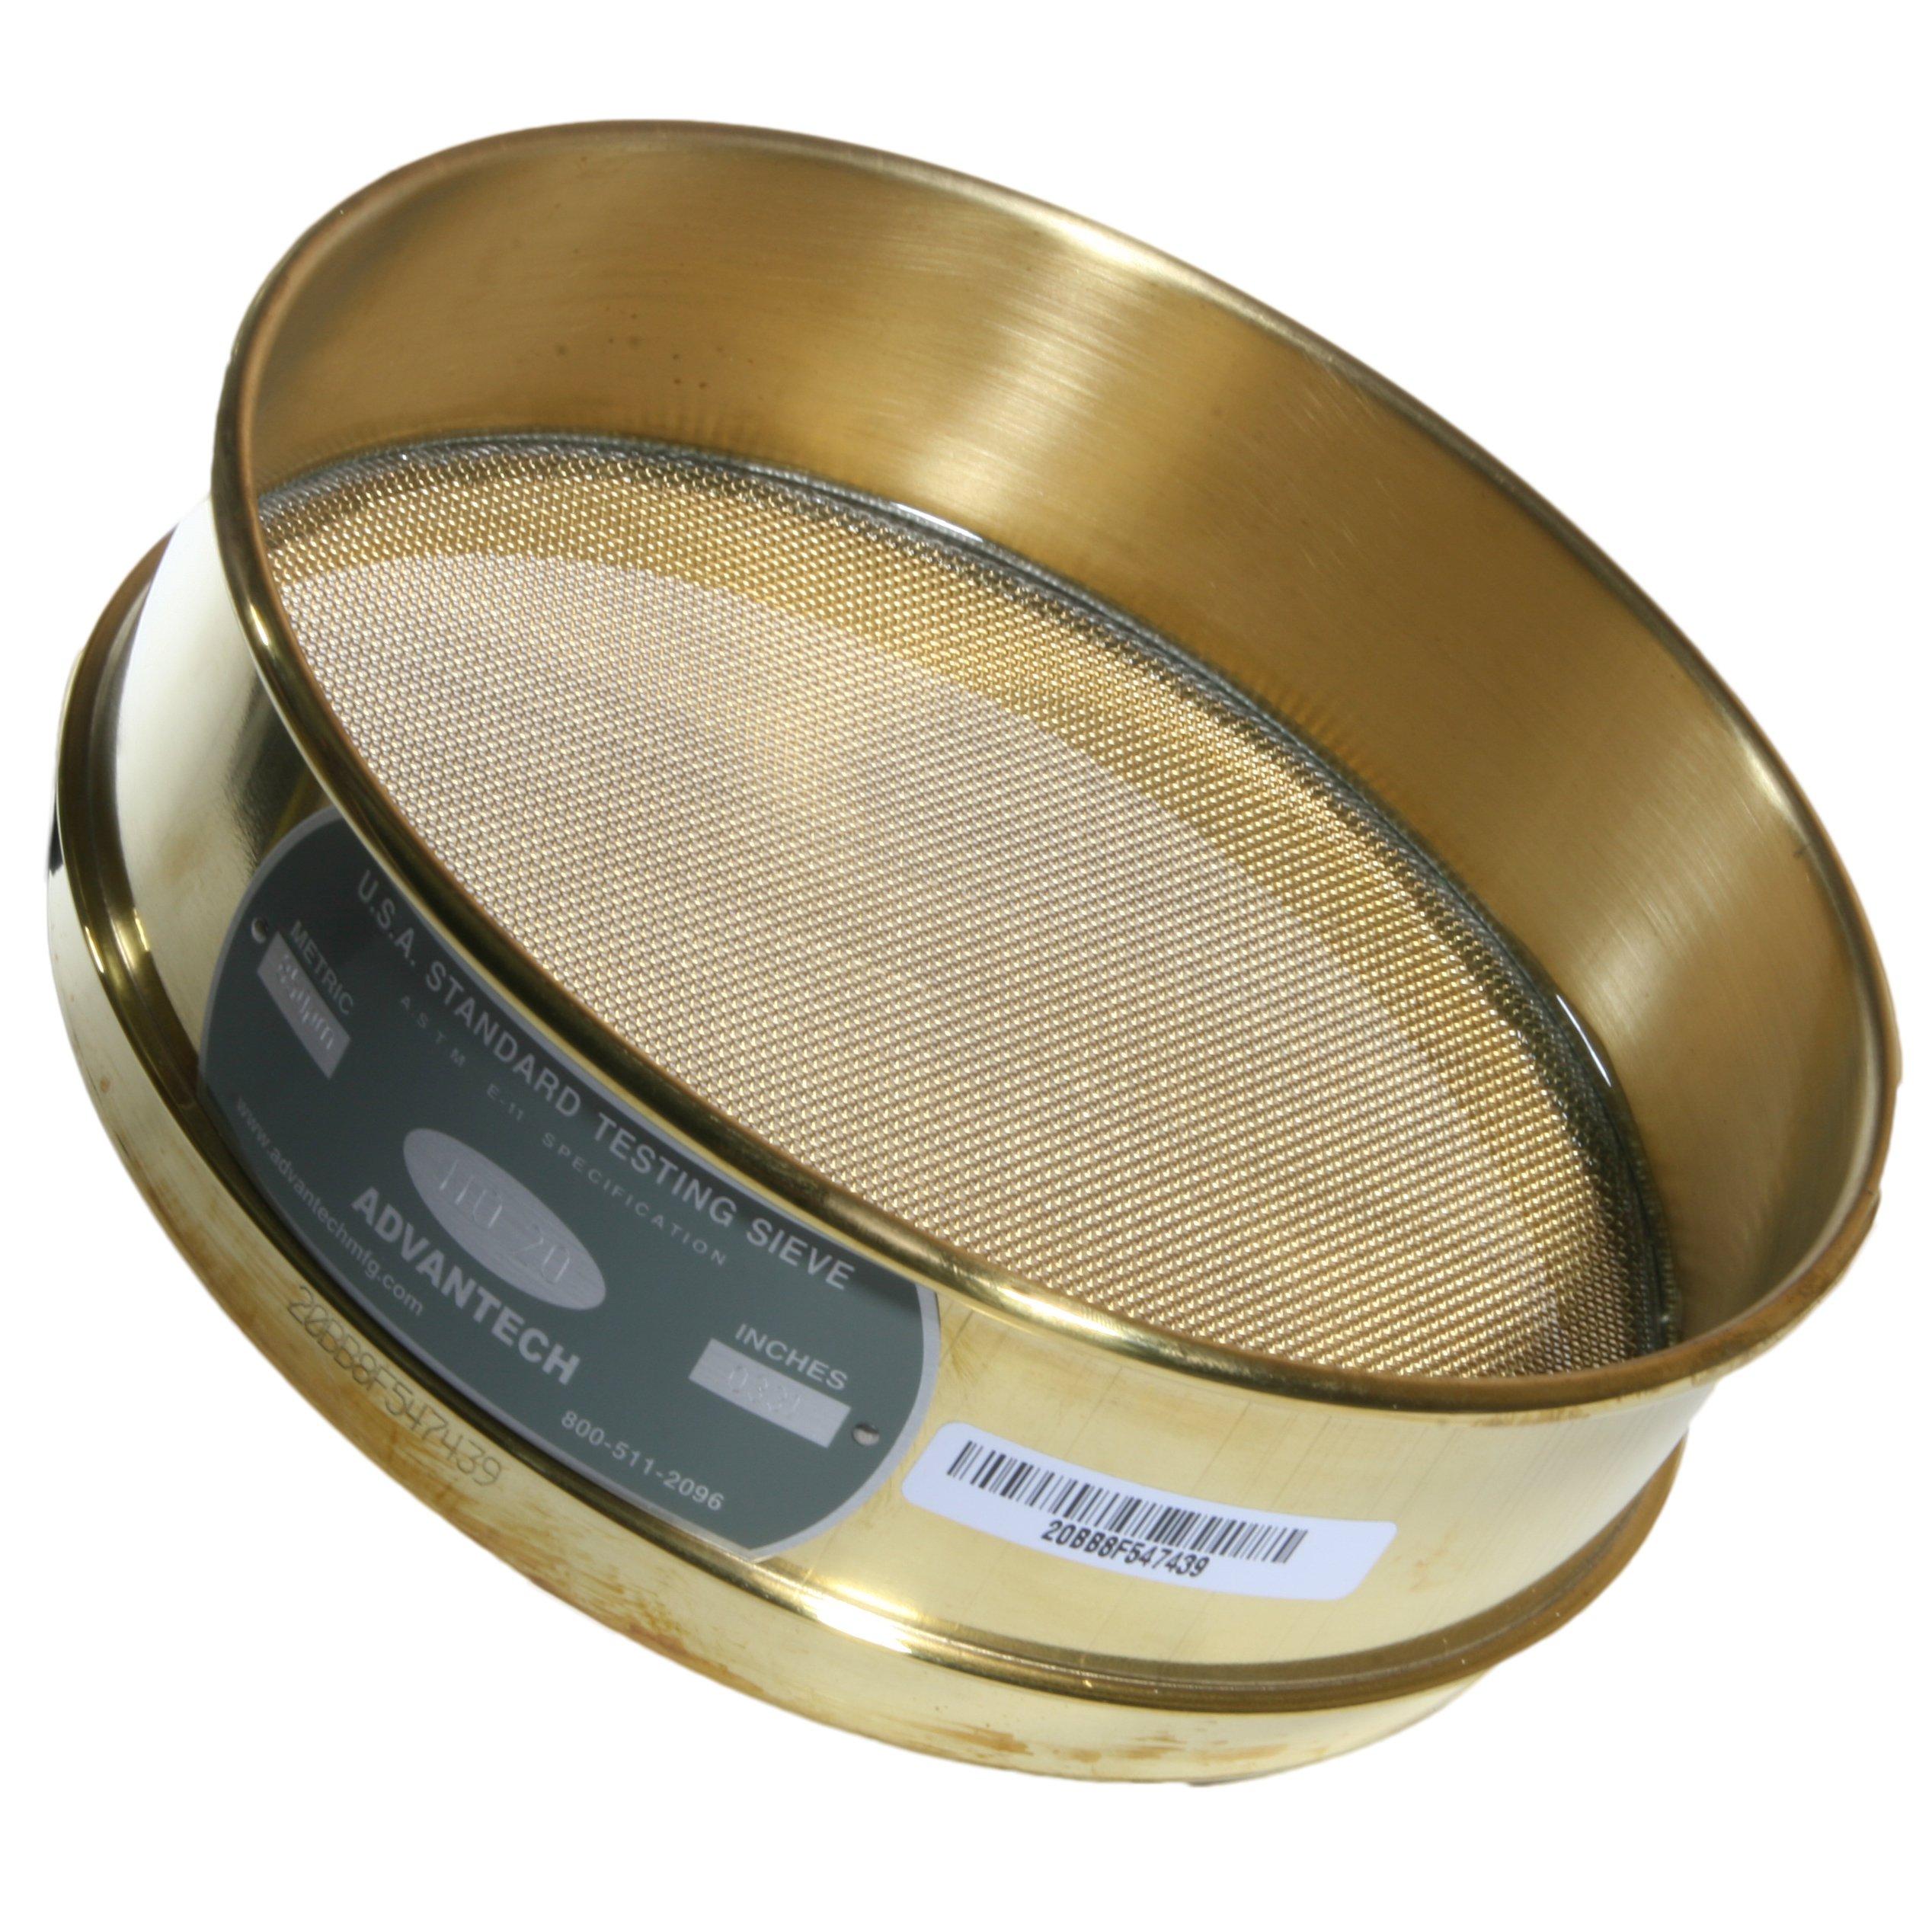 Advantech 20BB8F Brass Brush Sieves, 8'' Diameter, #20 Mesh, Full Height by Advantech